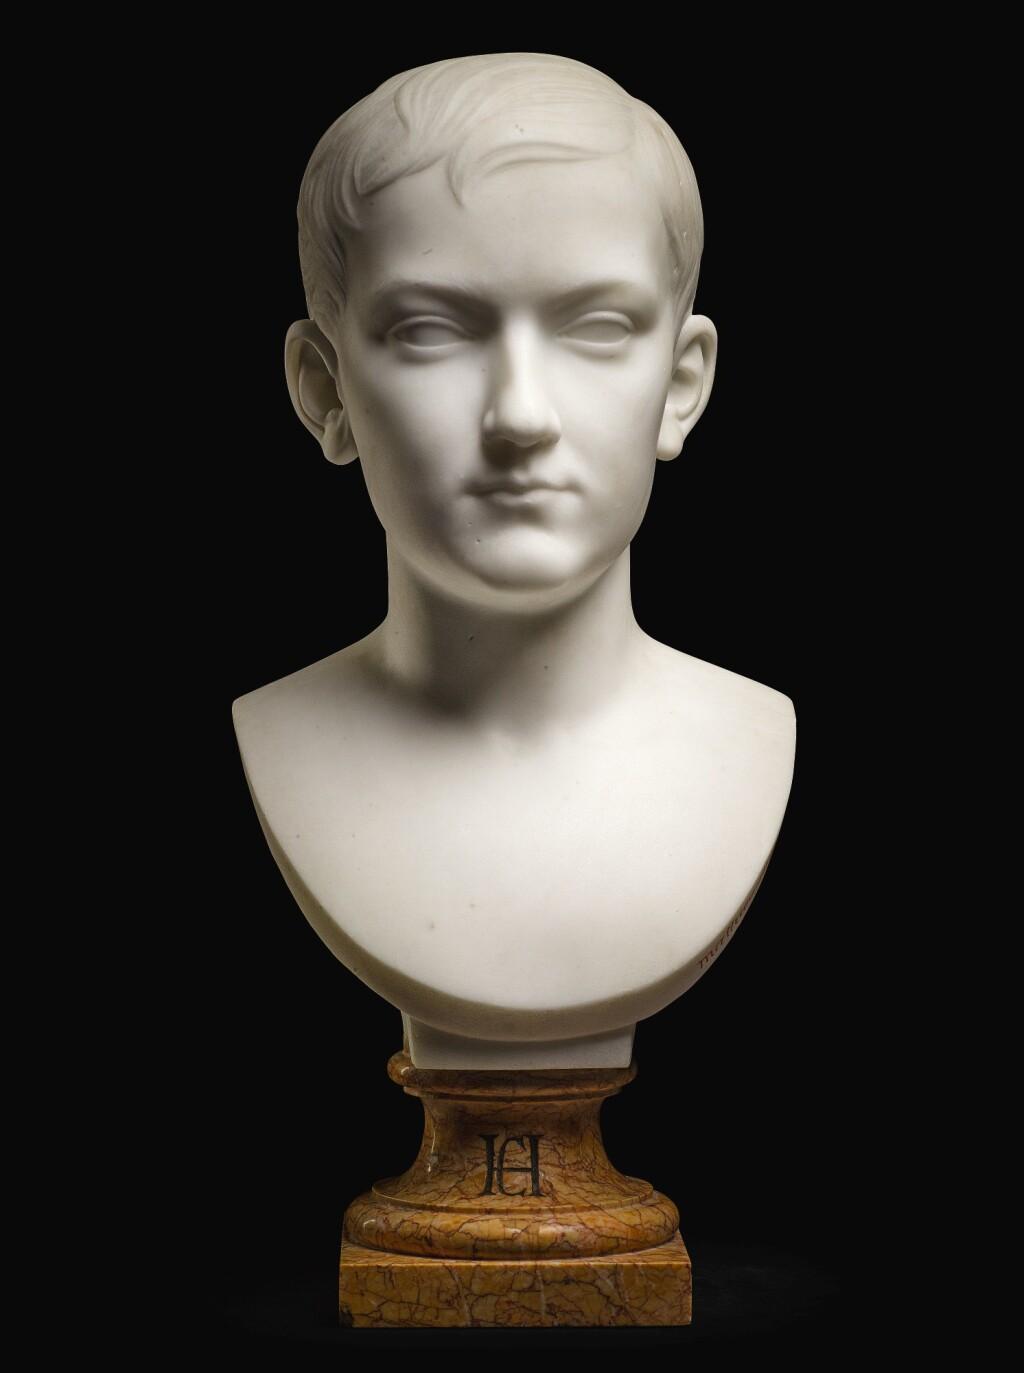 ROLAND MATHIEU-MEUSNIER | PORTRAIT BUST OF A YOUNG MAN